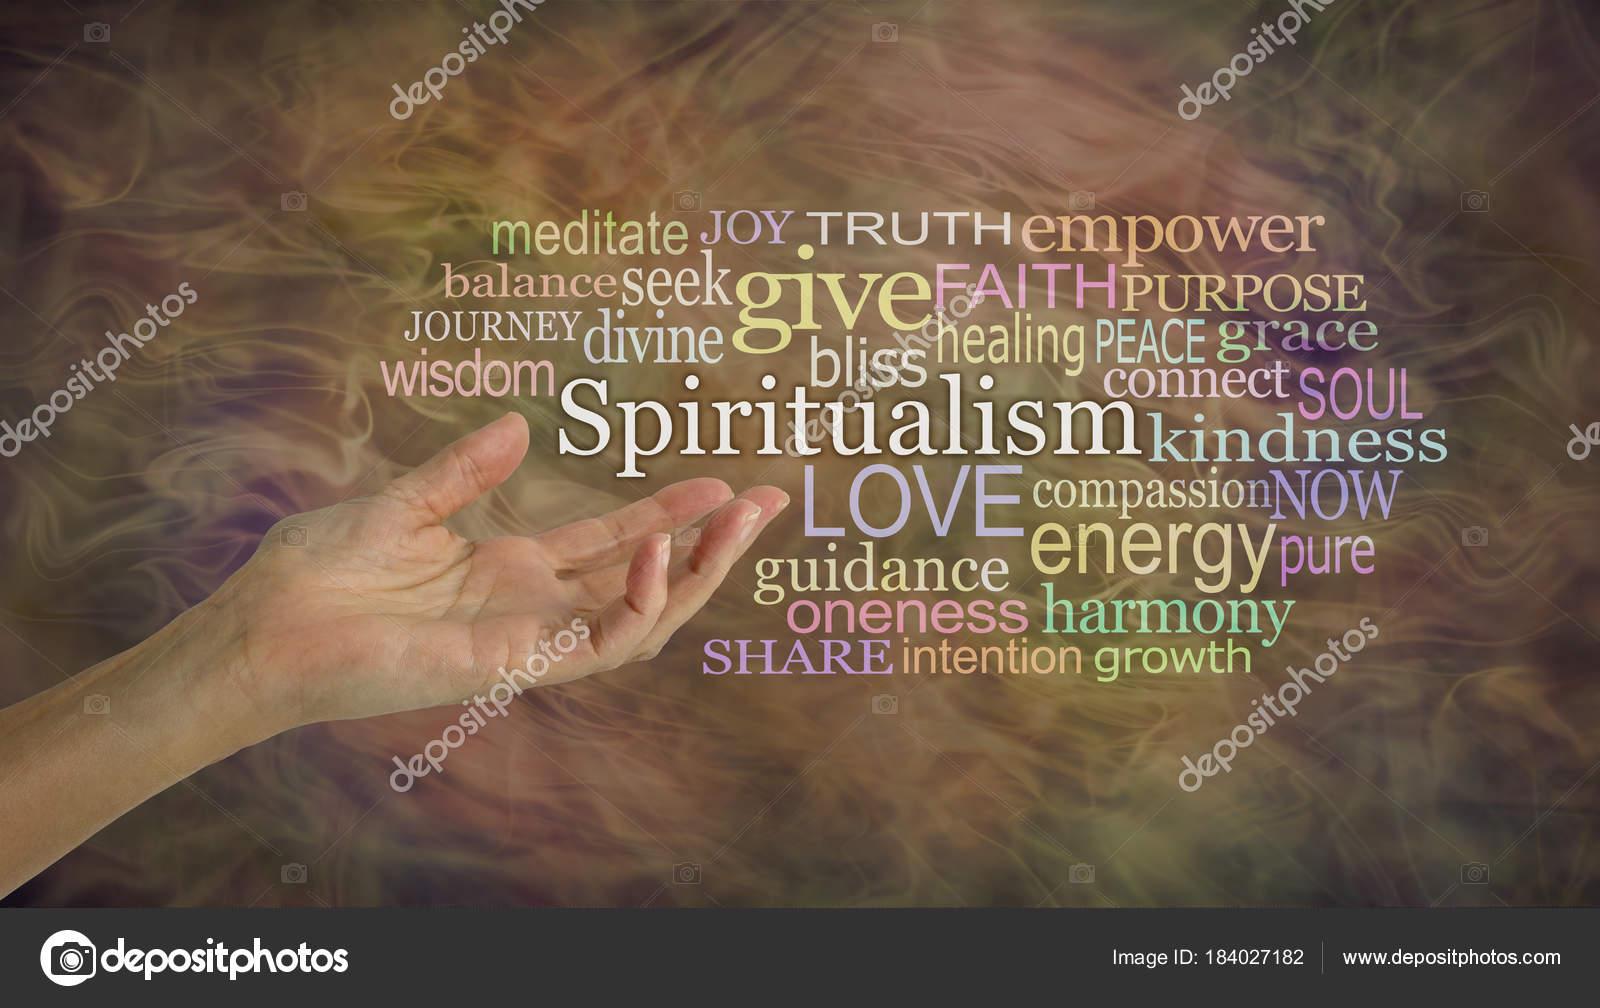 Significado Espiritismo Palabra Nube Mujer Mano Gesticulando Hacia